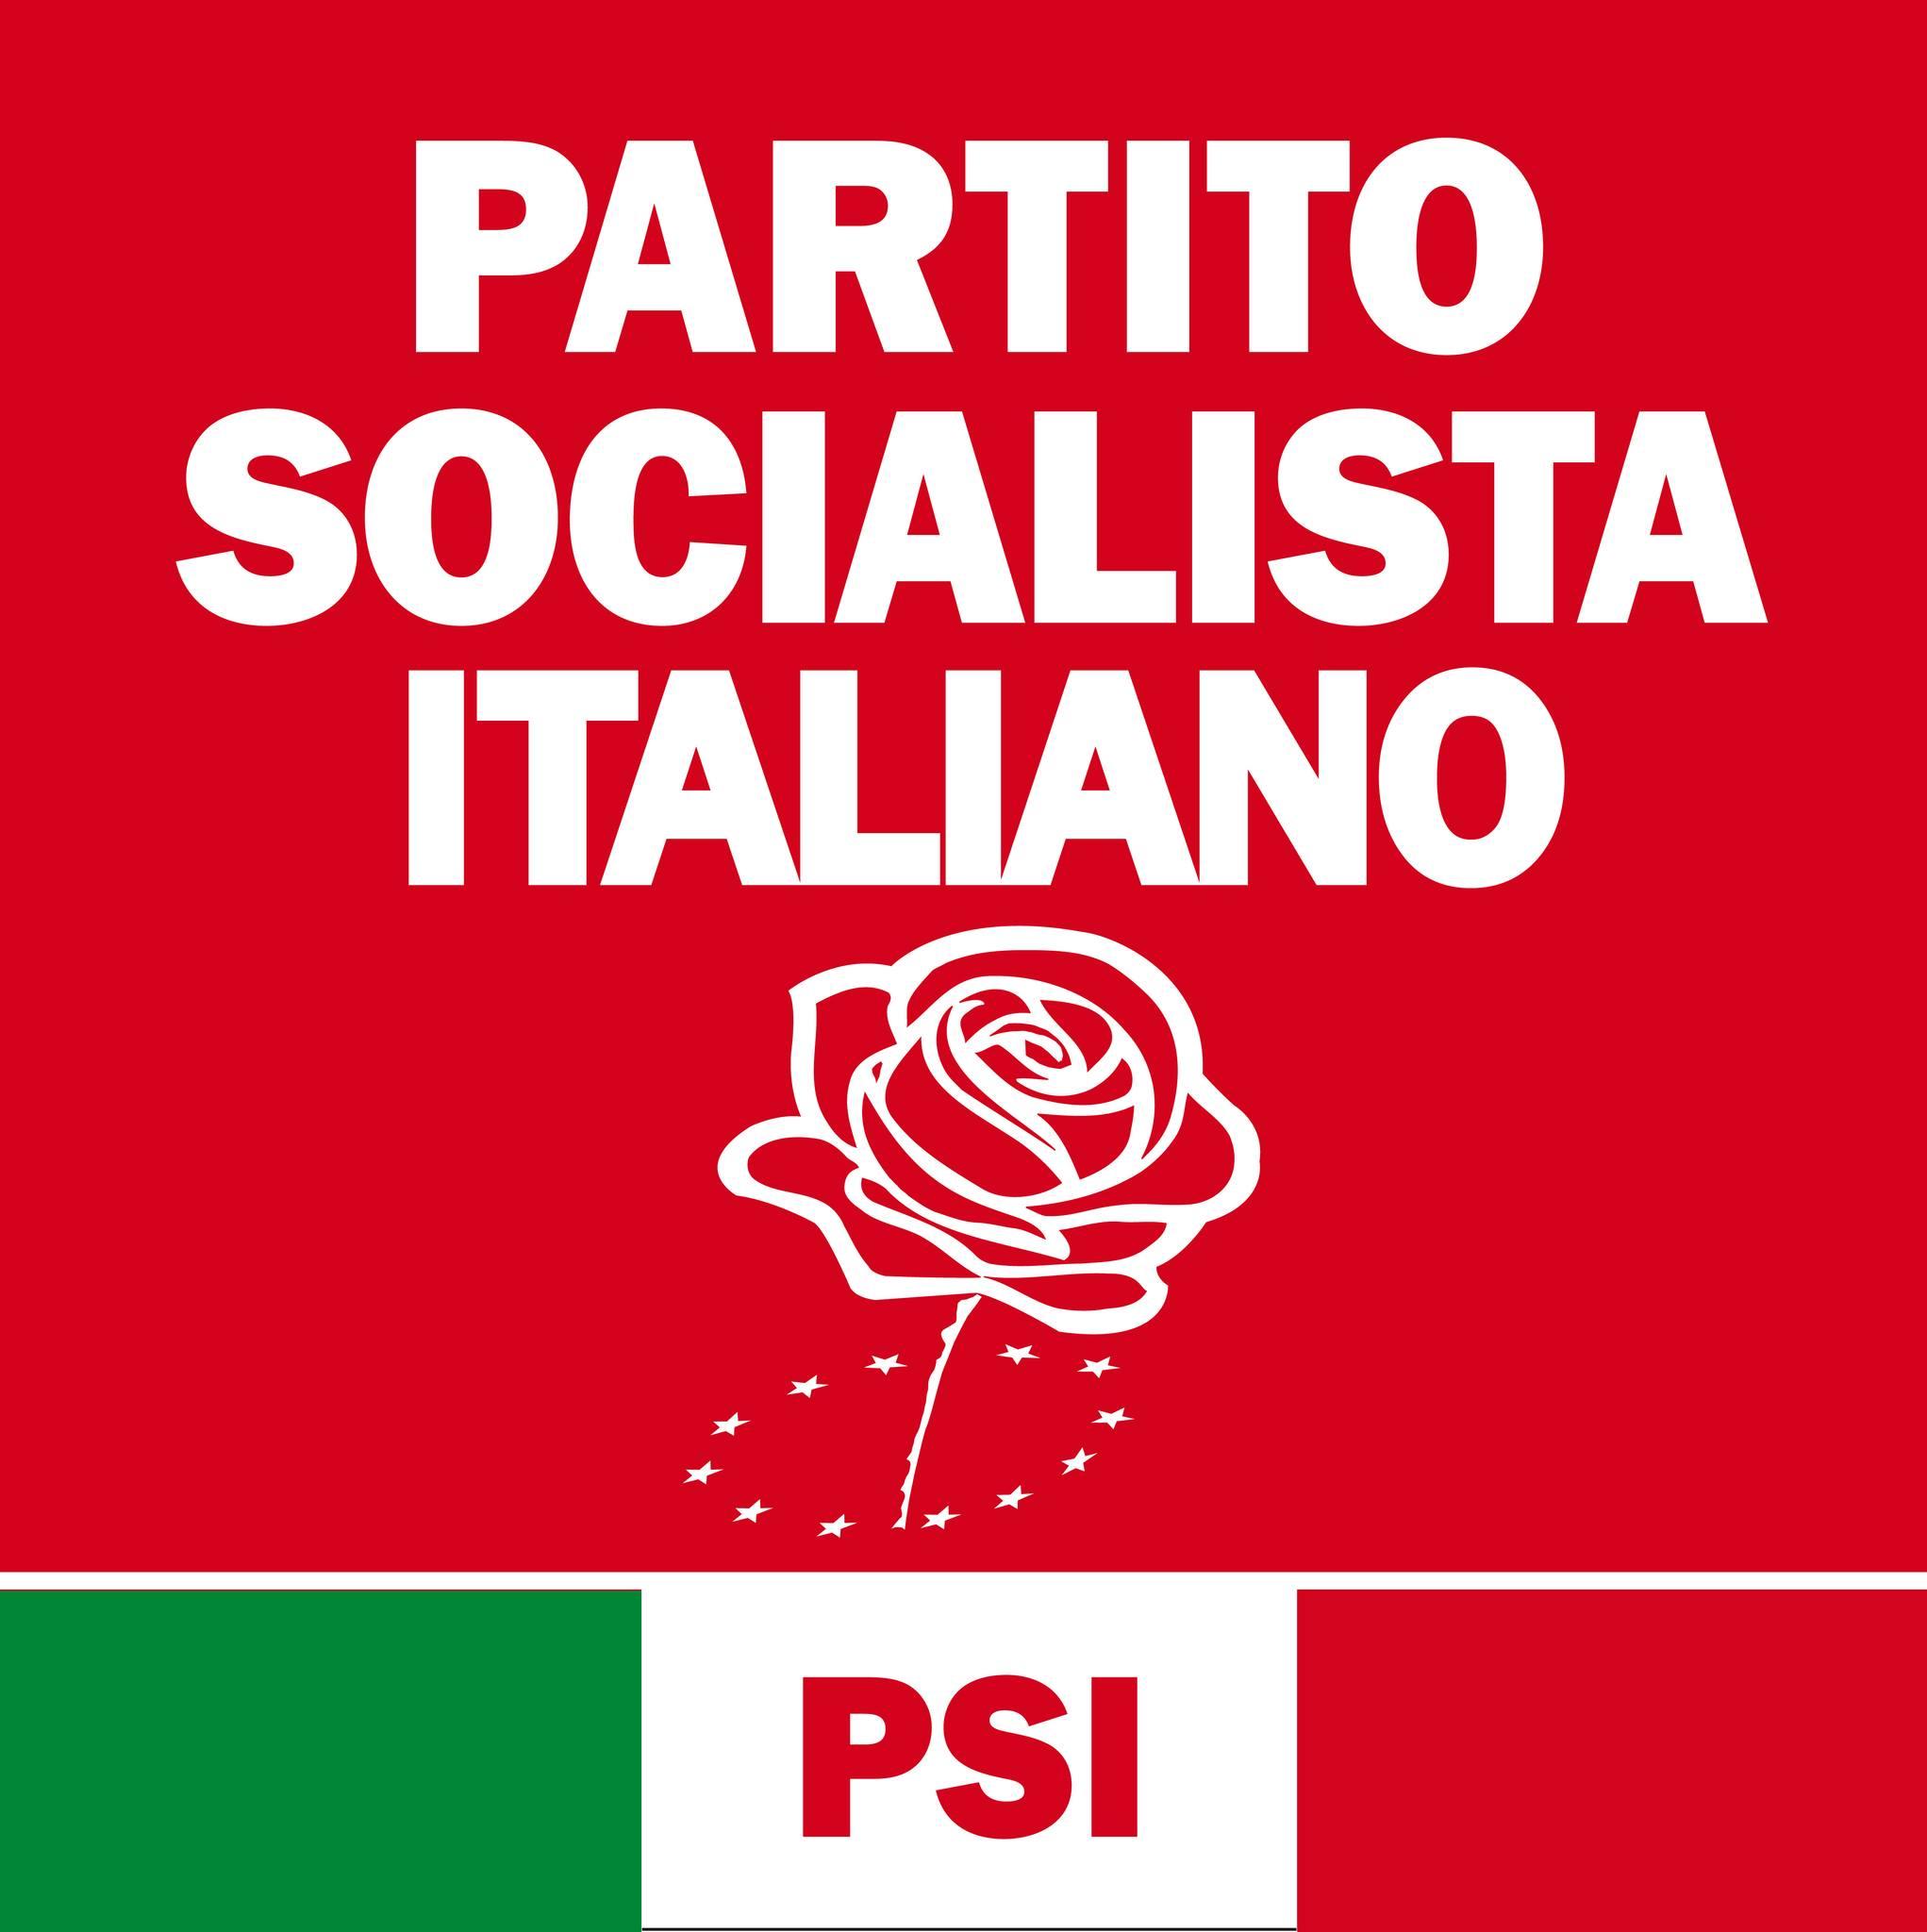 PSI Partito Socialista Italiano